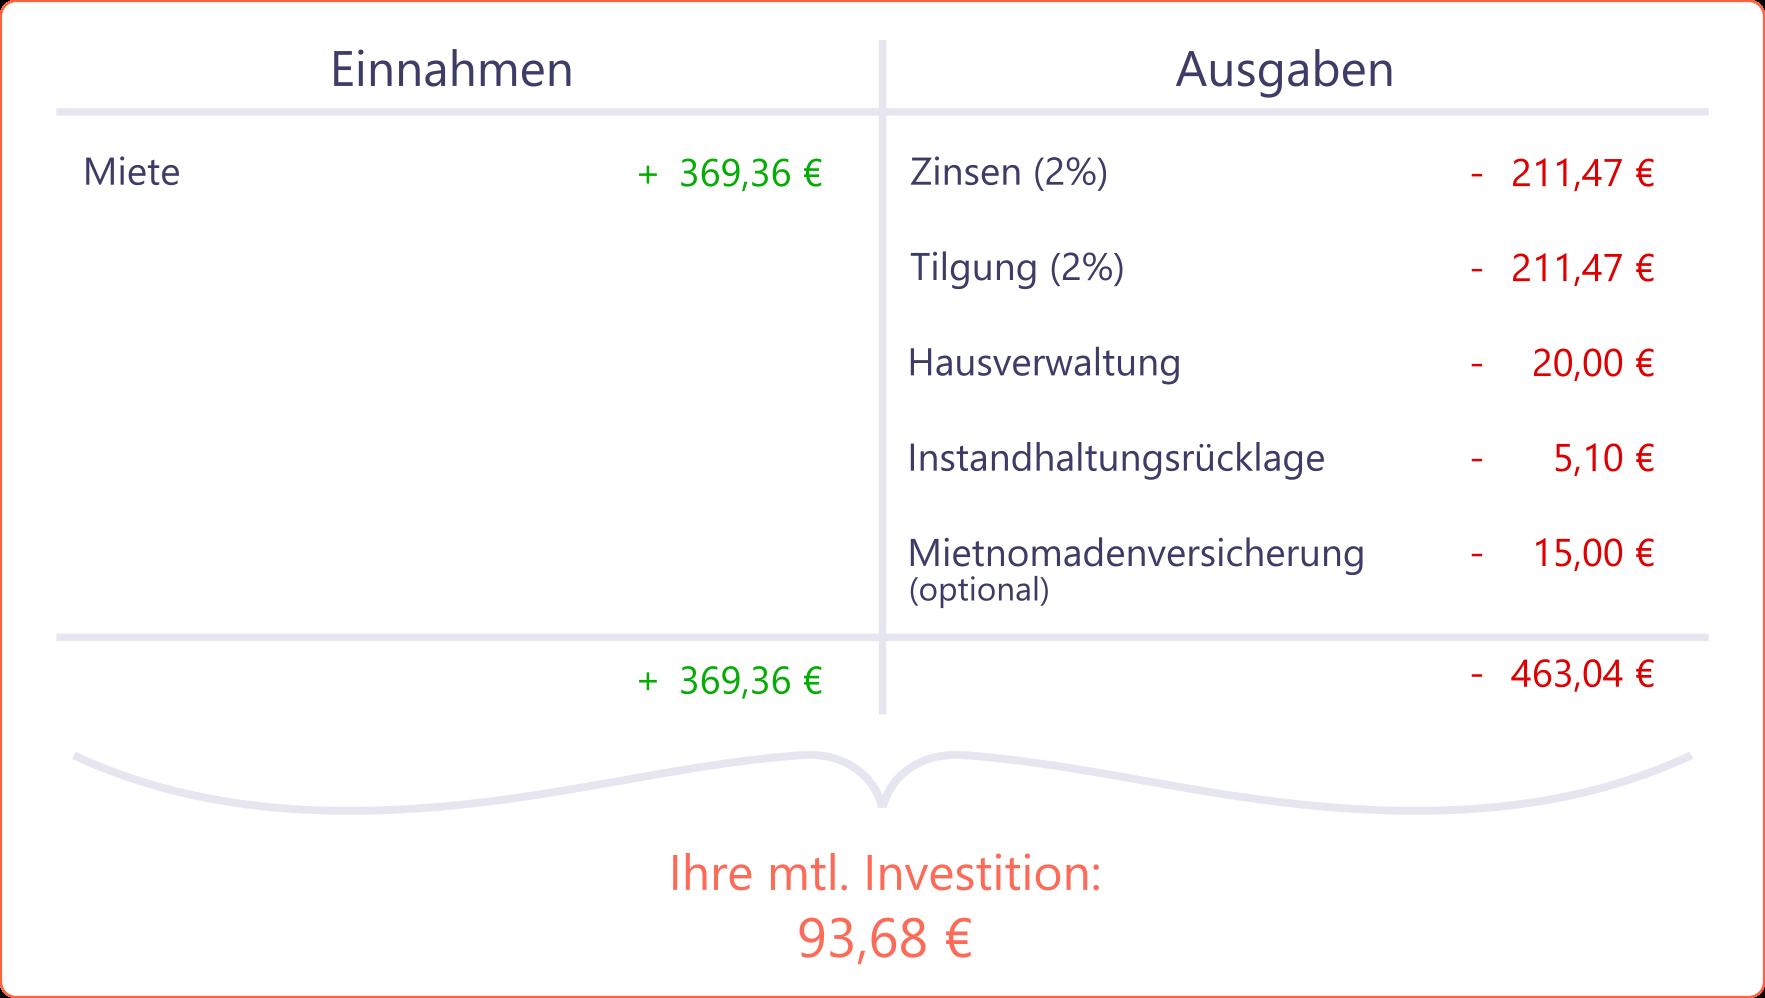 Immobilieninvestor-Kalkulation